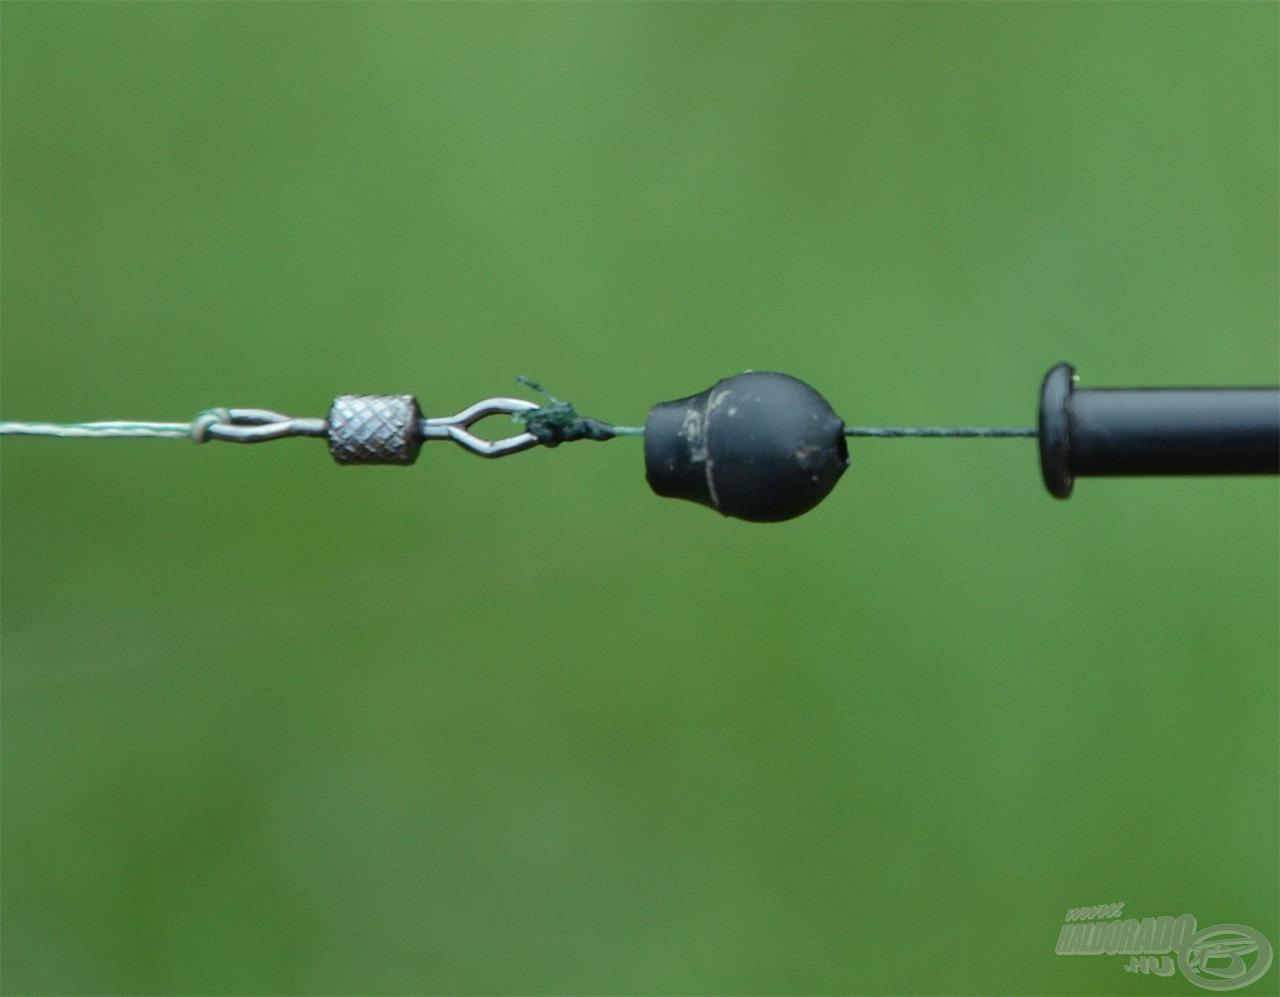 Gyakran használom a Korum gyorskapocs gyöngyöt, de a nagy lendítőerőt nehezen viseli a belső rögzítő kapocs